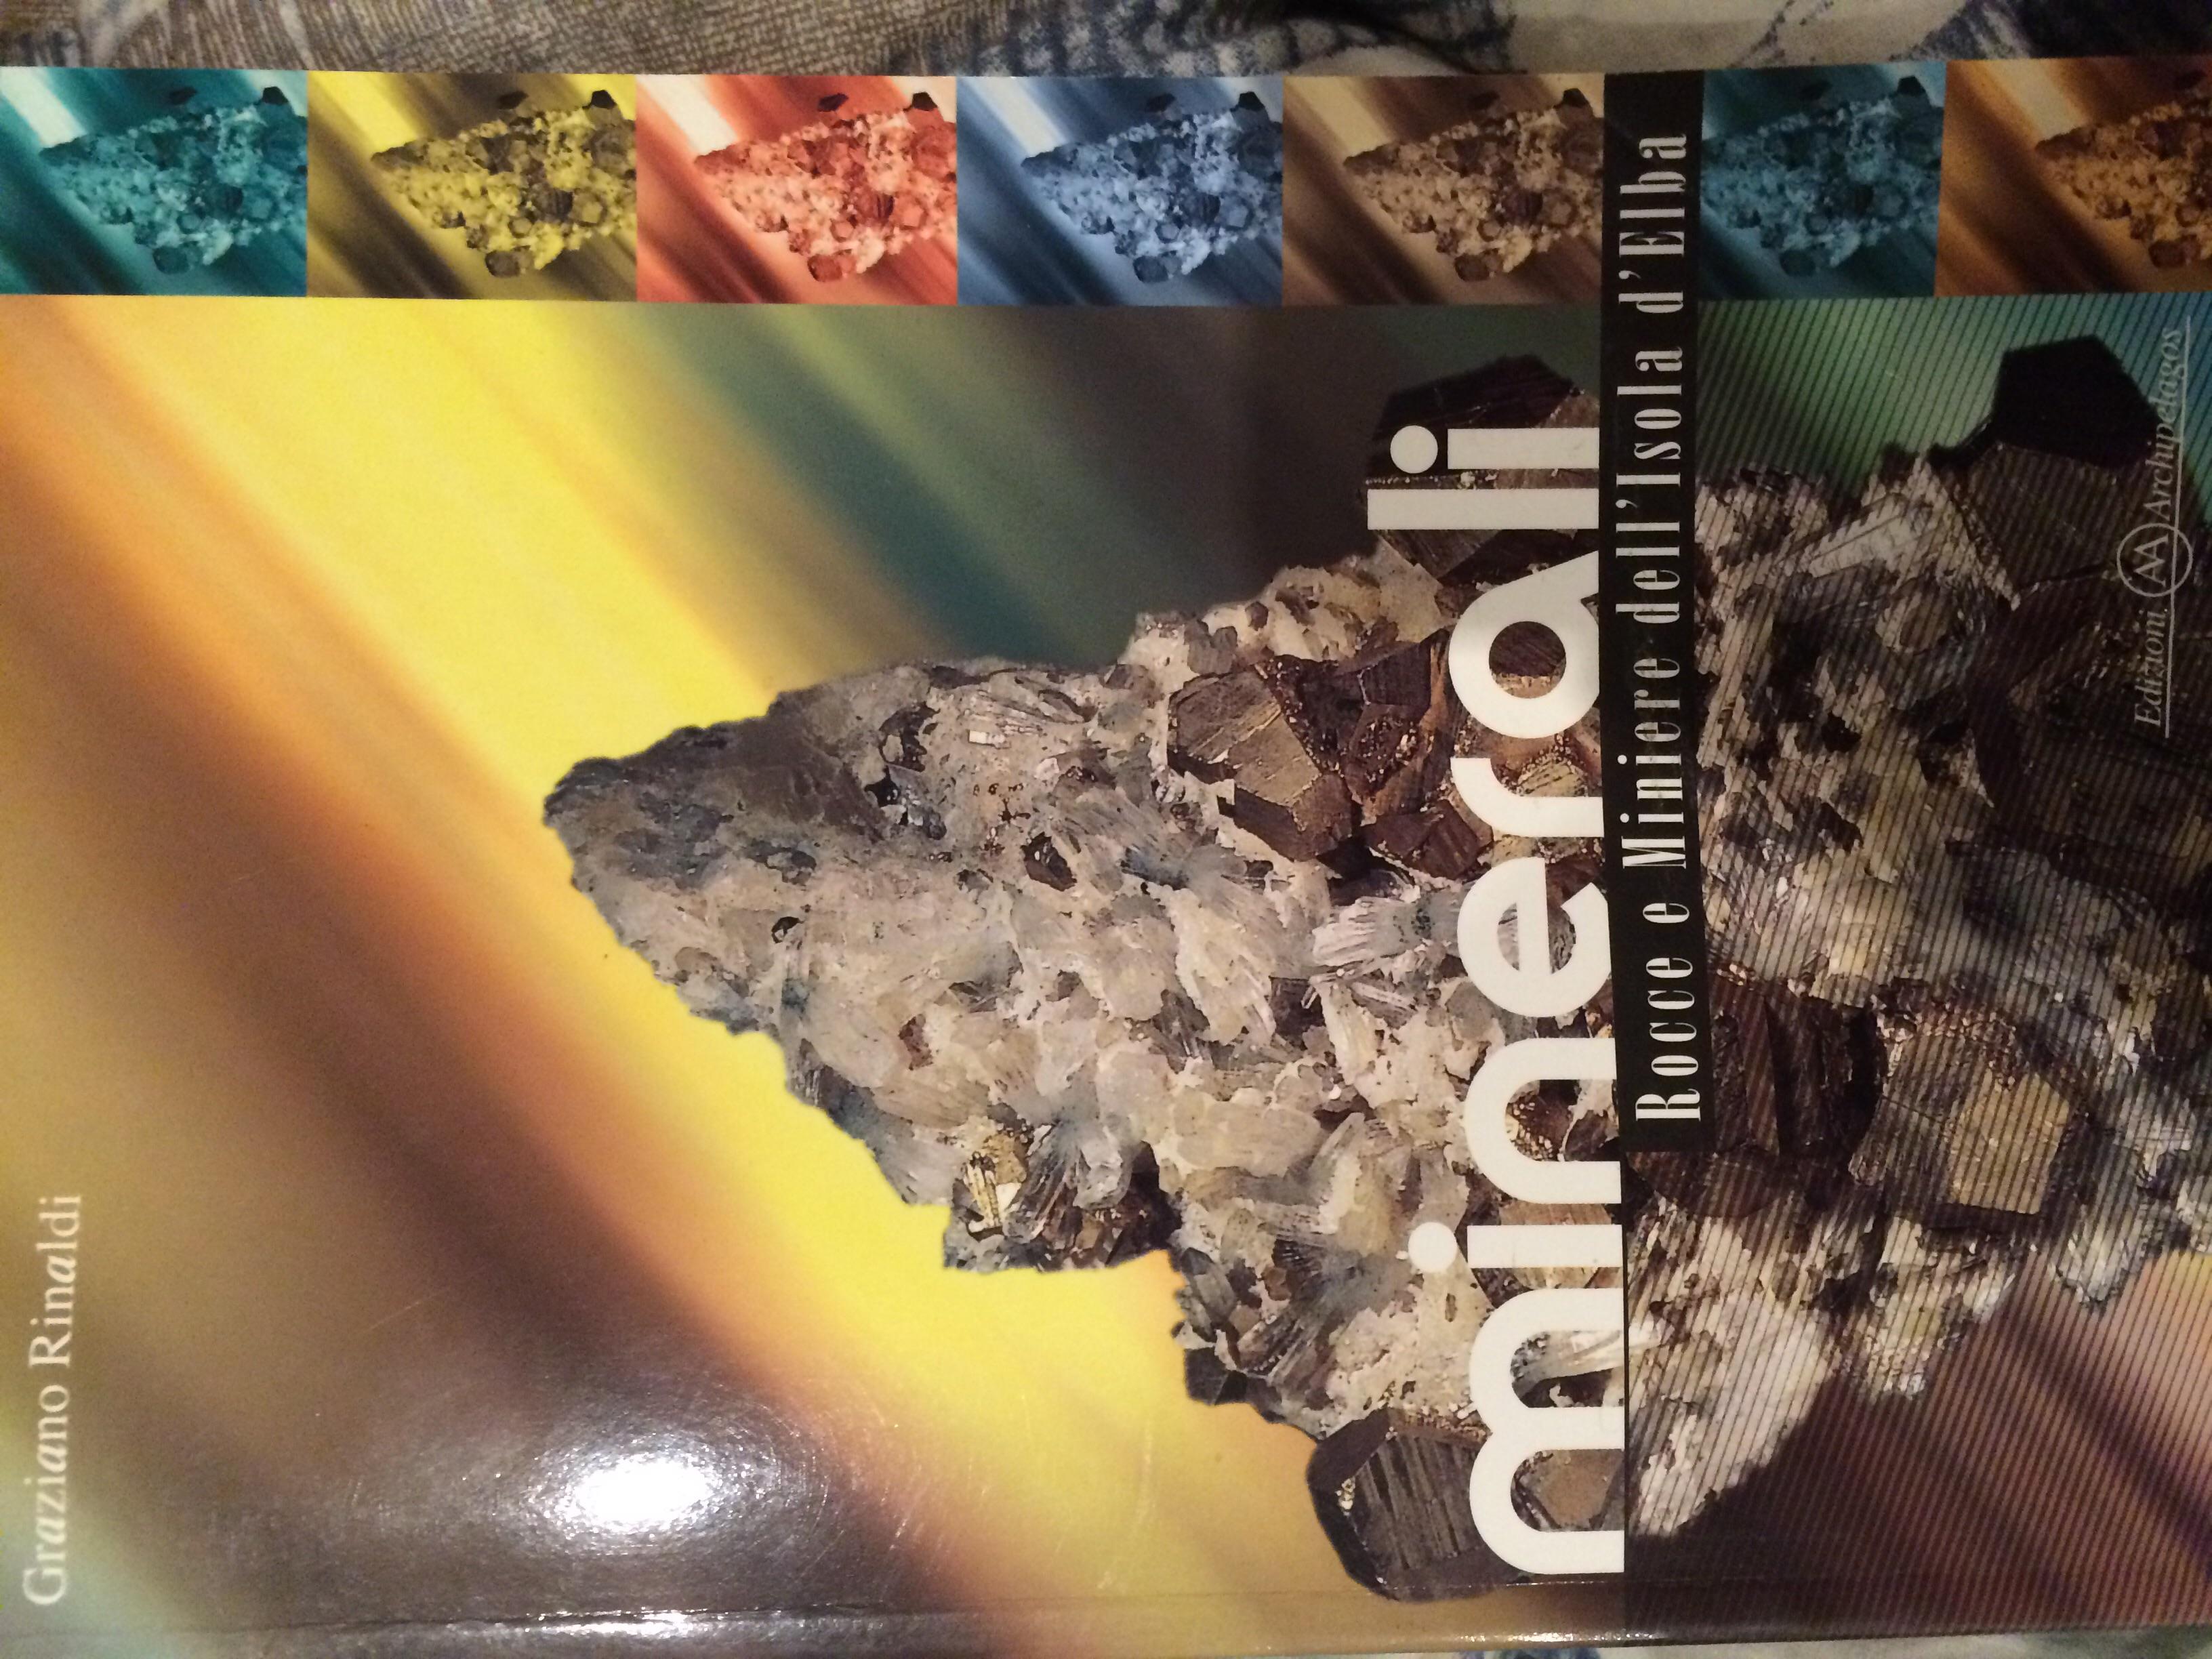 Minerali rocce e miniere dell'Isola d'Elba